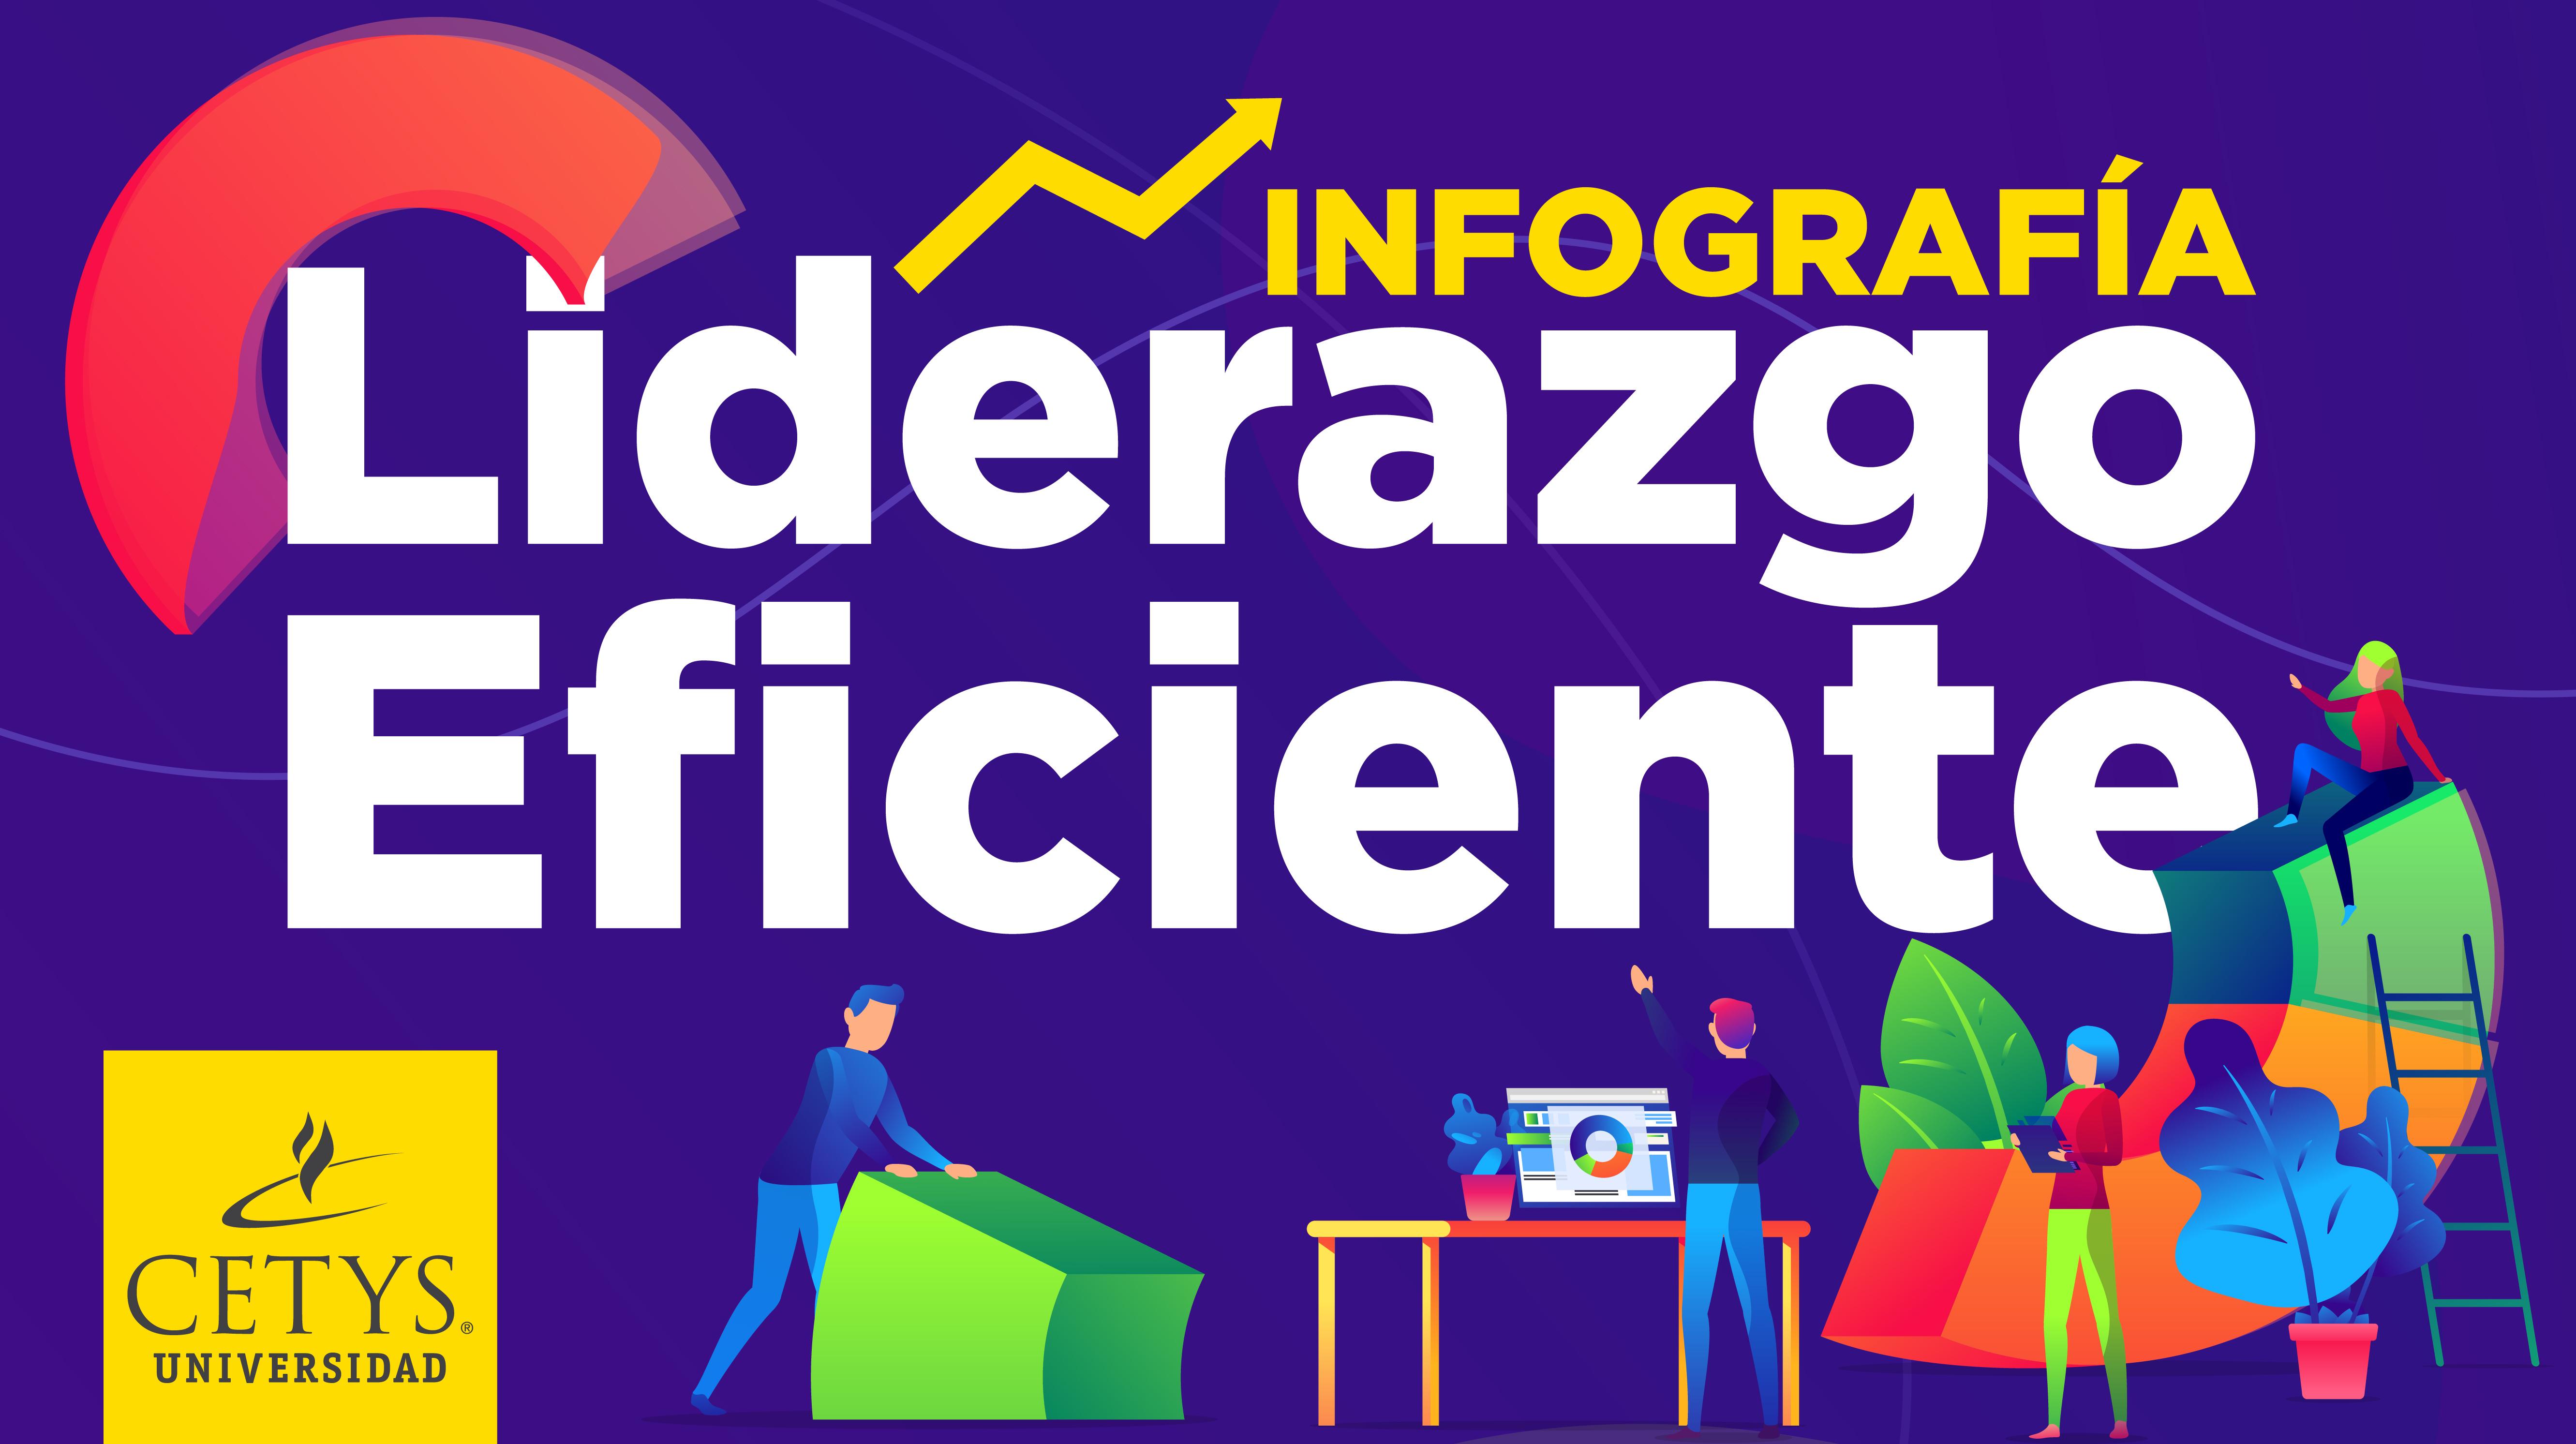 Infografía: Liderazgo eficiente